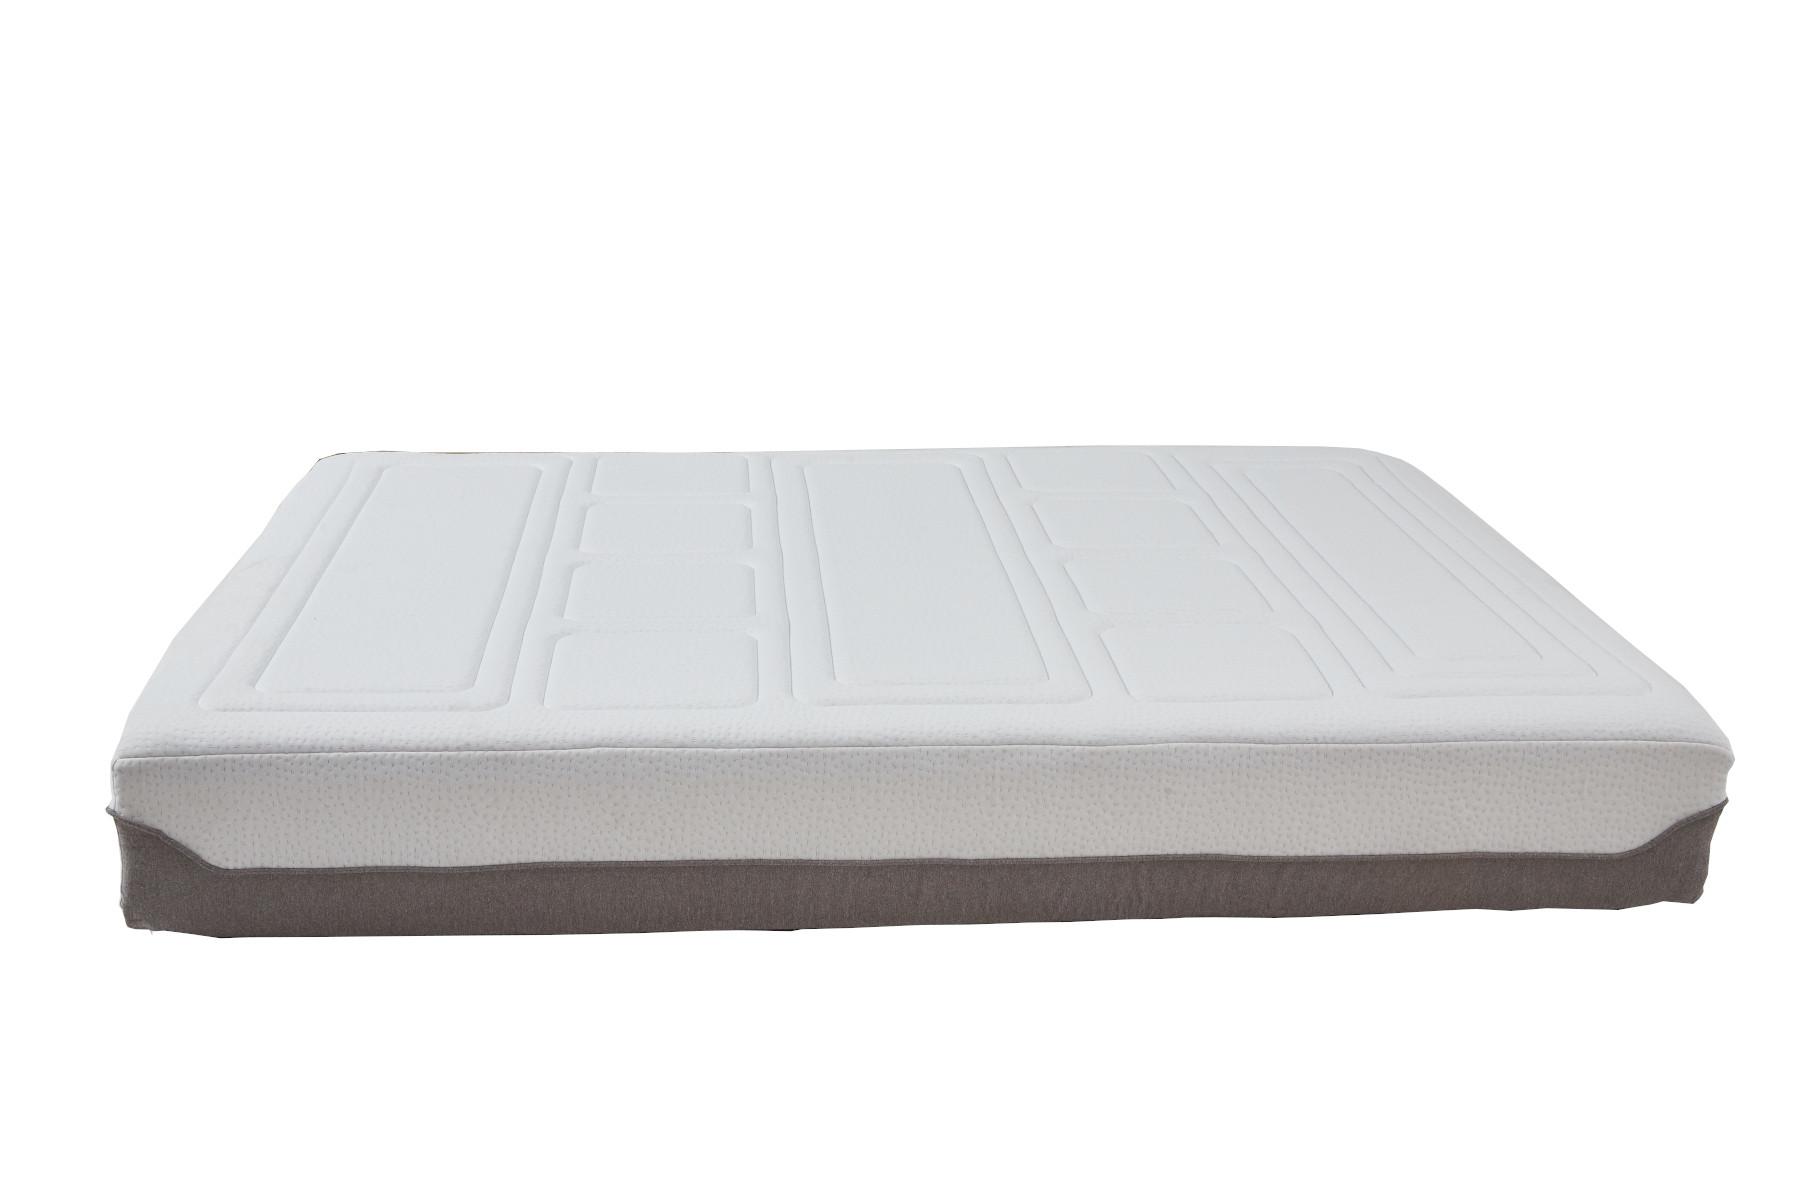 Caseys Comfort Deluxe 4.6ft Mattress